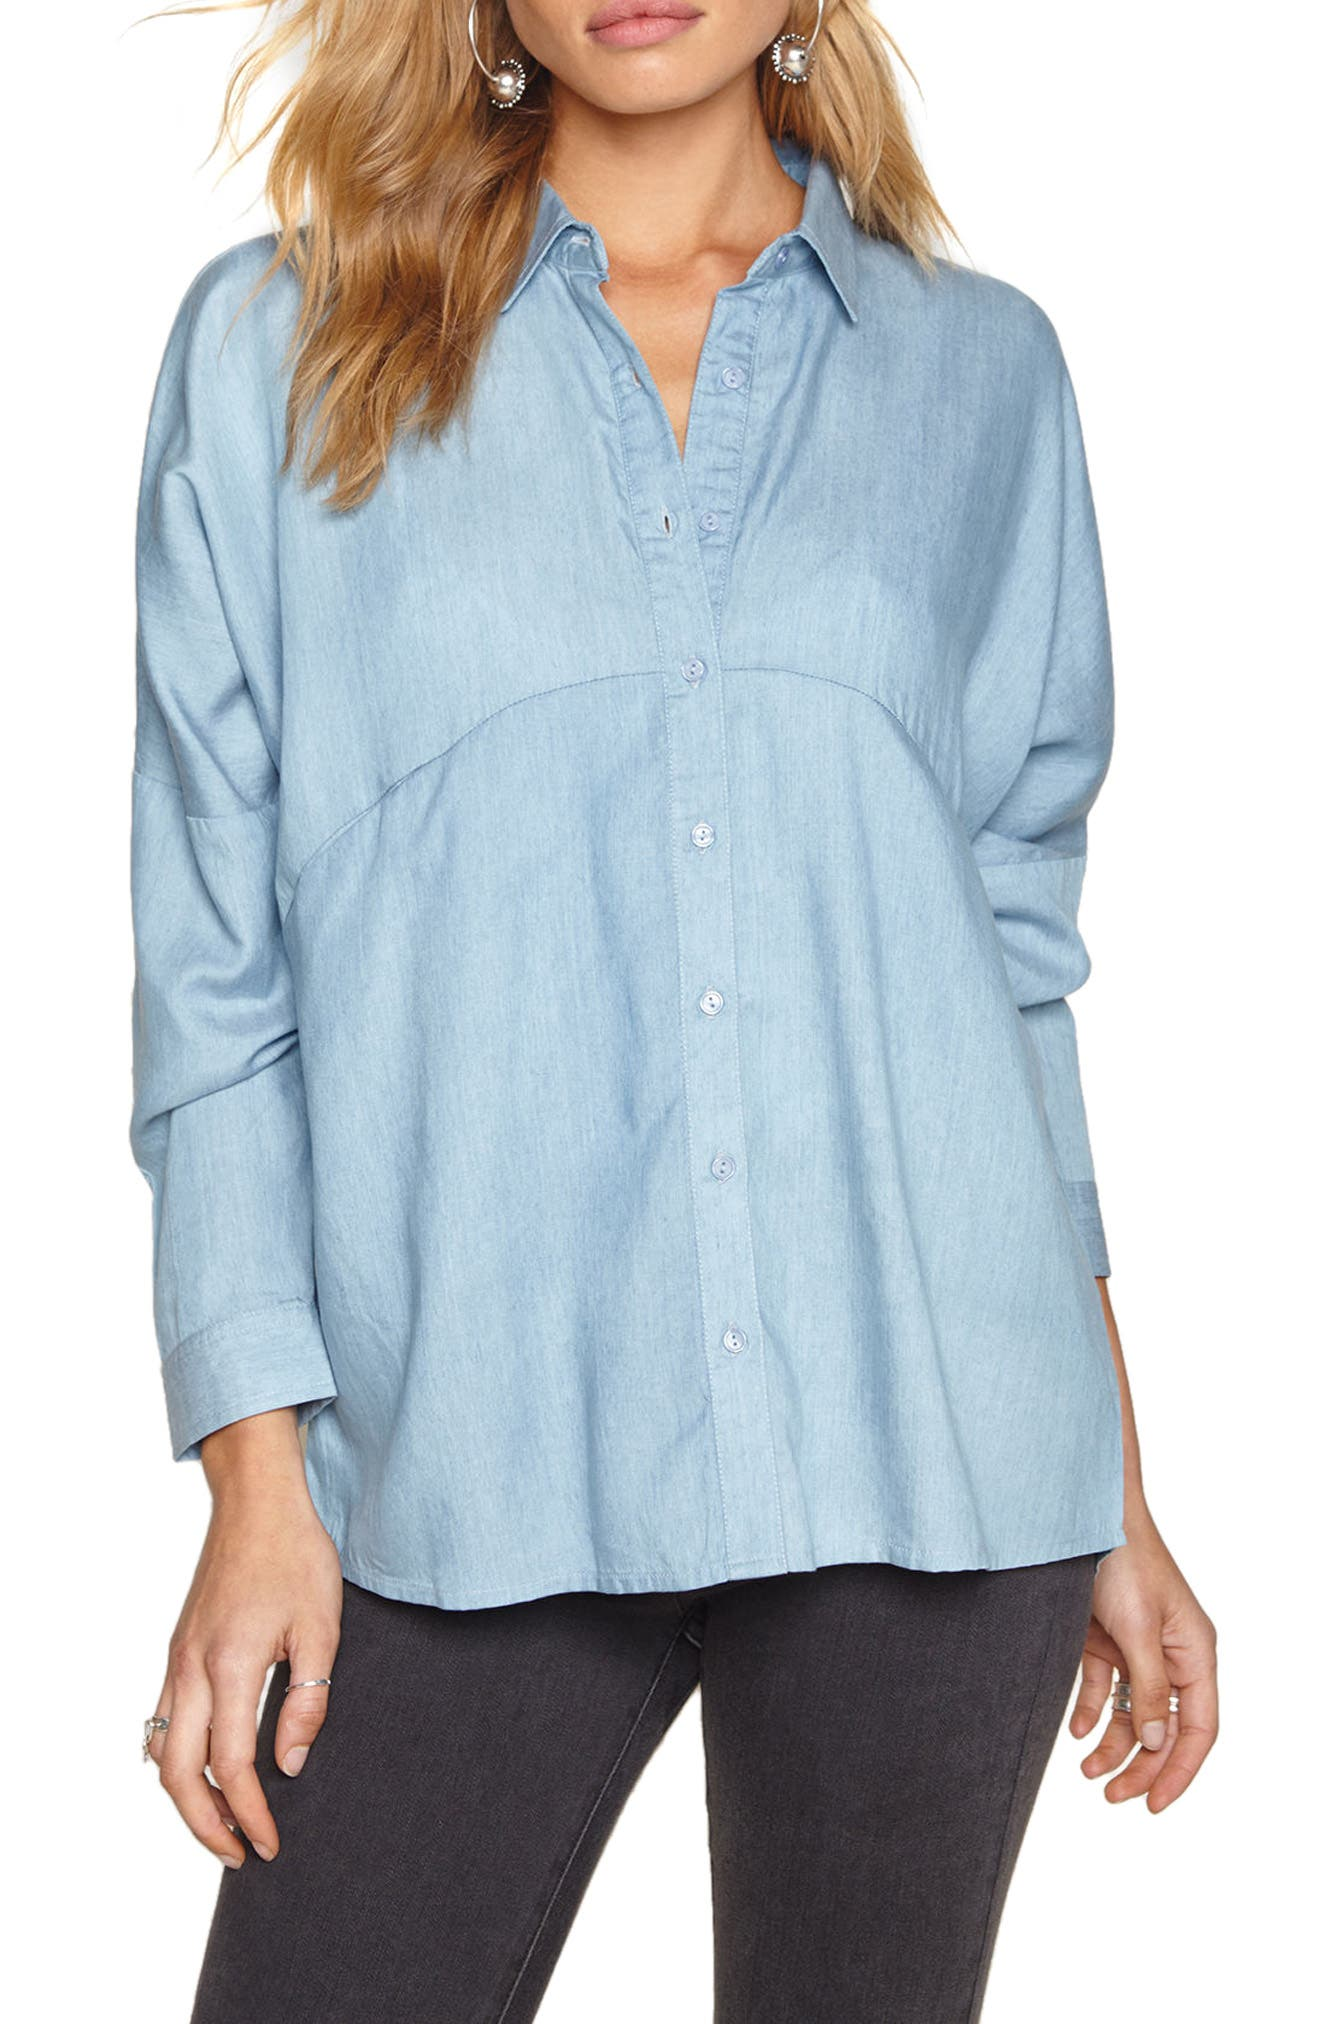 Alternate Image 1 Selected - Amuse Society Casual Fridays Chambray Shirt